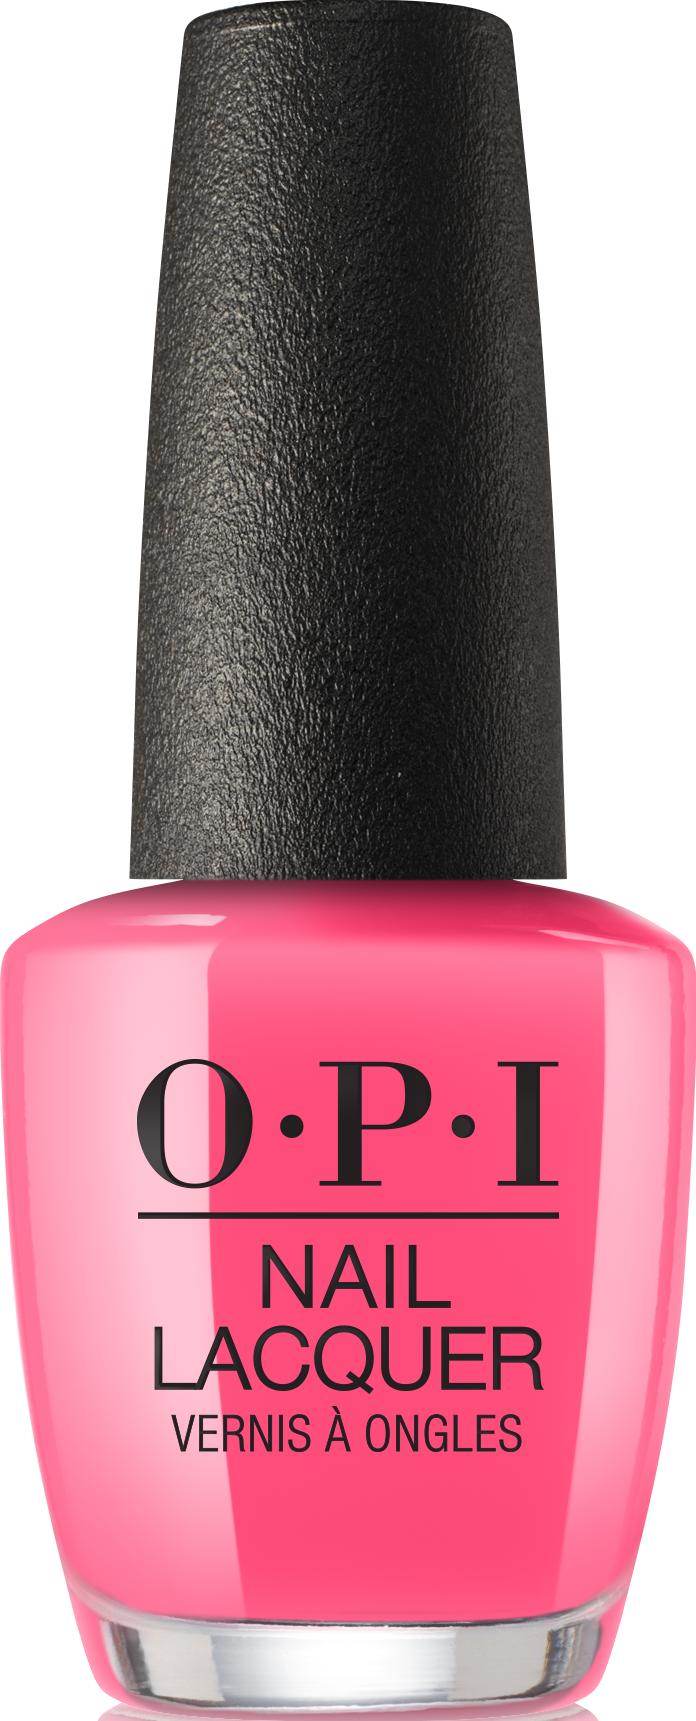 9 Best Summer Nail Polish Colors - Nail Shades and Trends Summer 2019